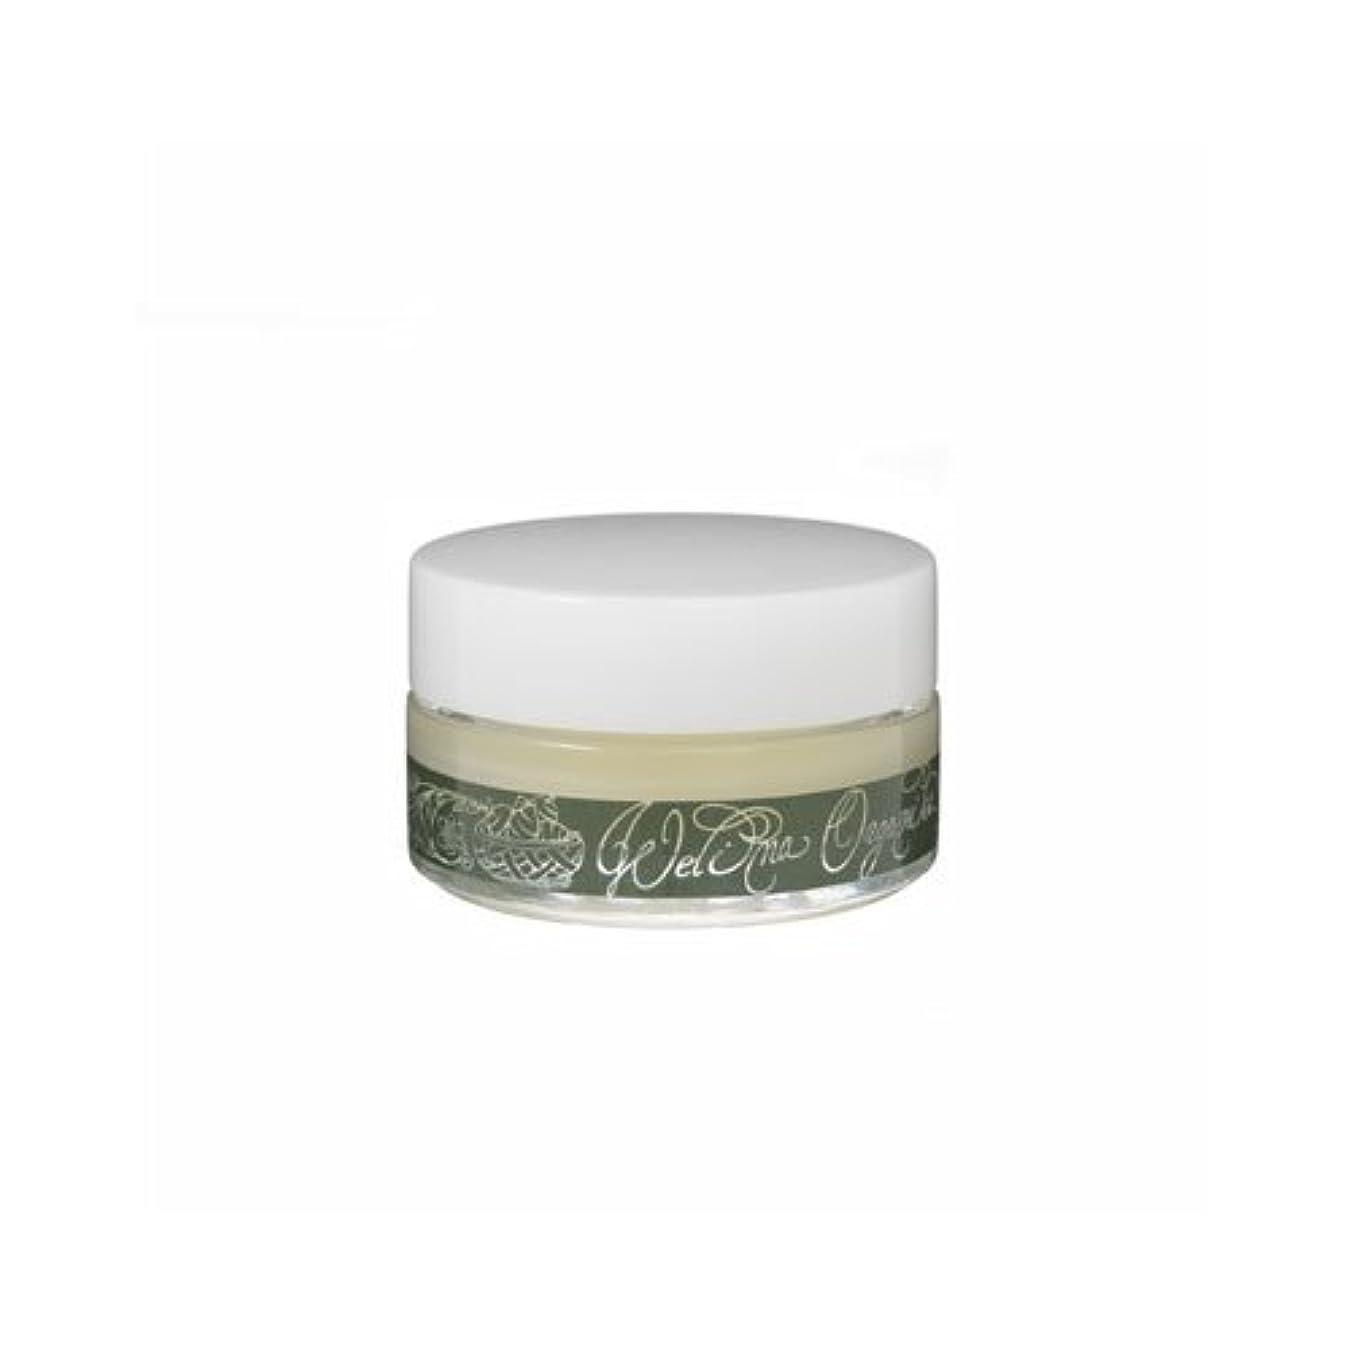 ウェリナオーガニクス ラブミーバター (保湿バーム) 30g